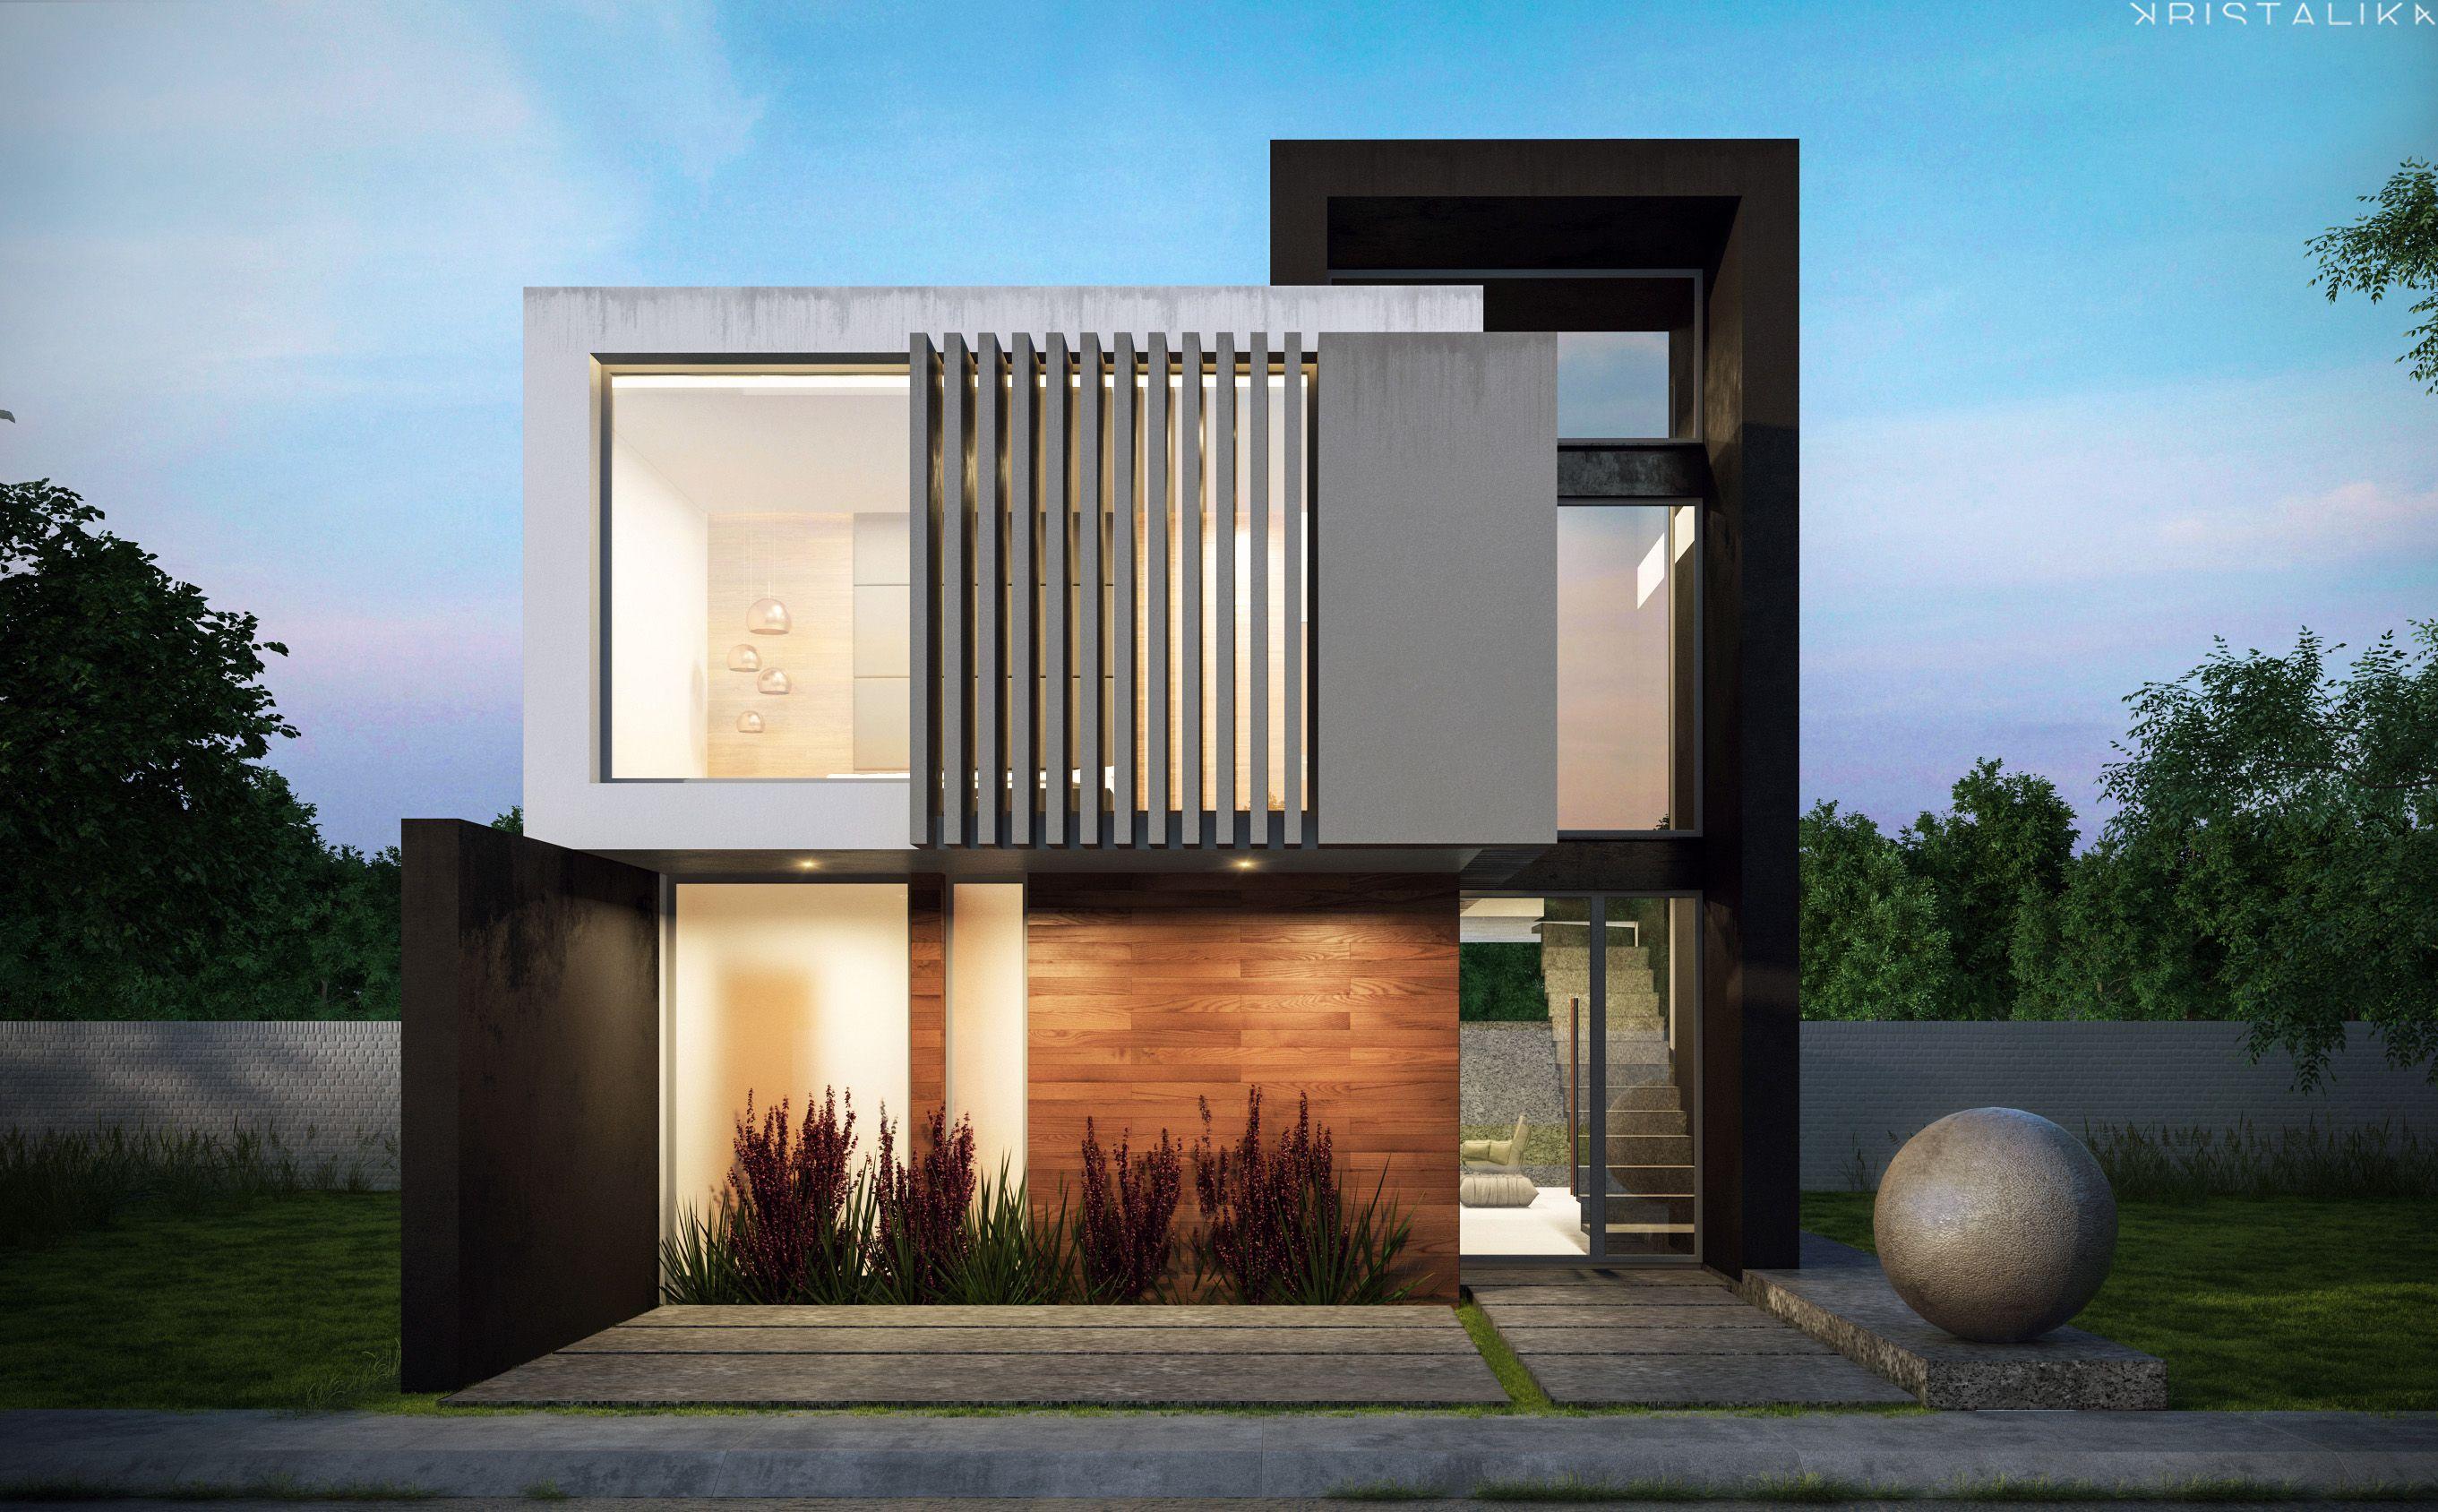 Resultado de imagem para kristalika fachadas pinterest for Arquitectura moderna casas pequenas